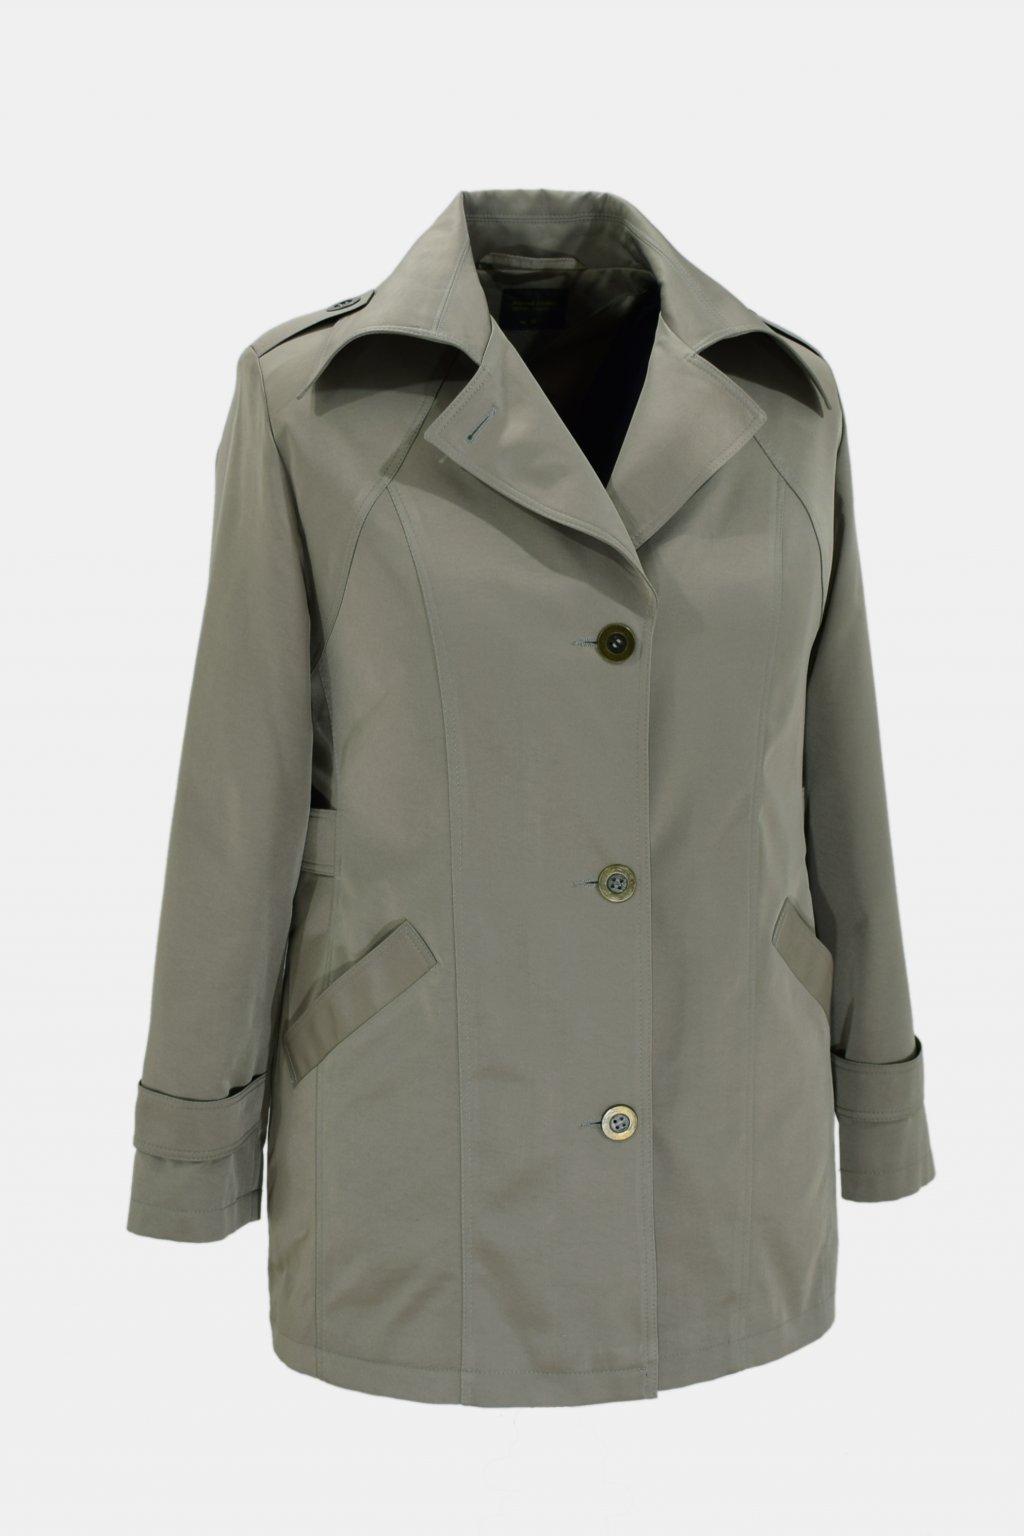 Dámský šedozelená jarní kabátek Klára nadměrné velikosti.